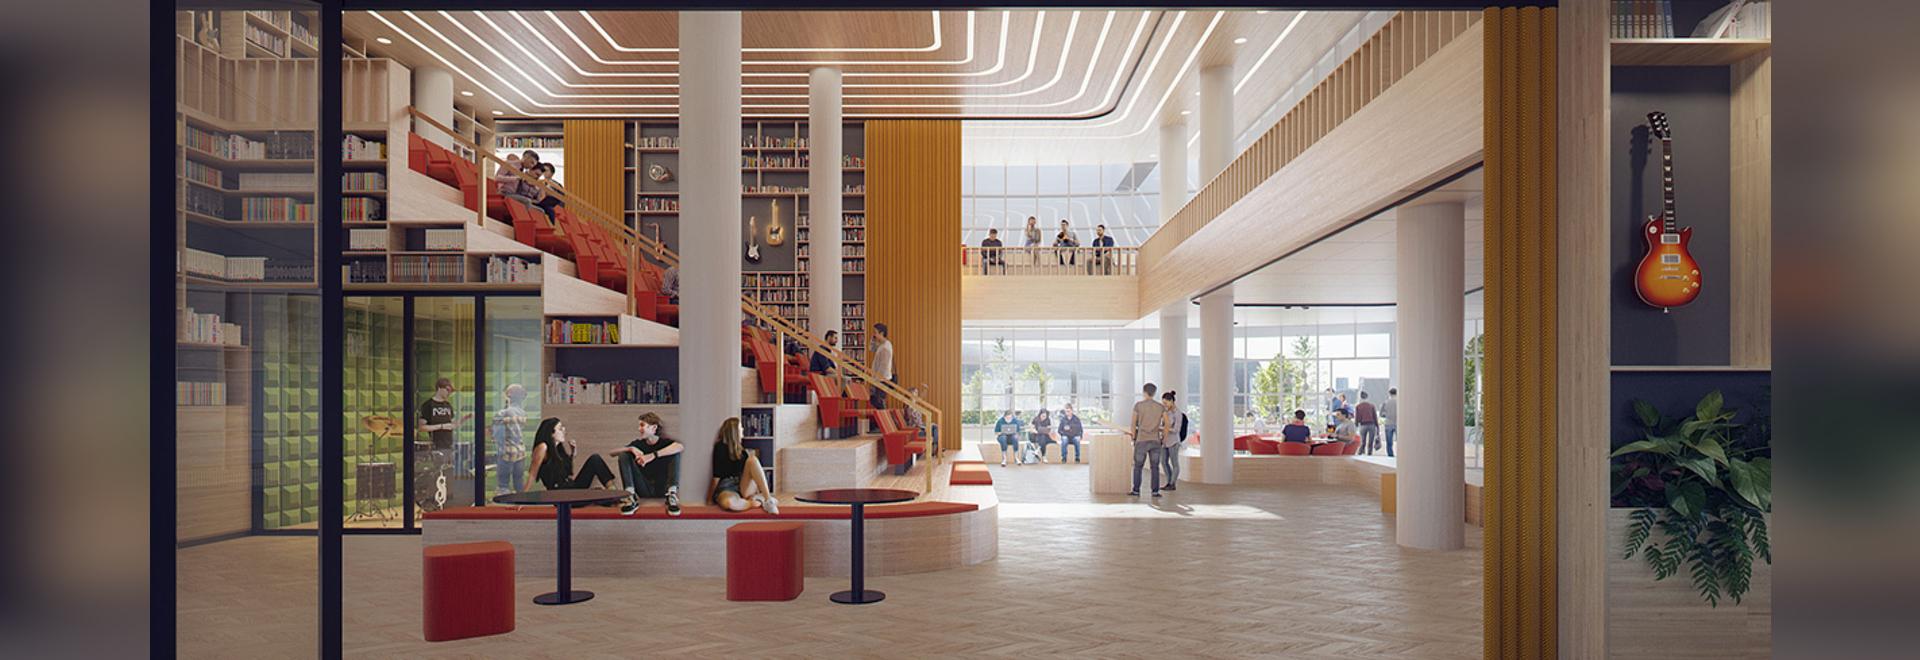 La transformación de Mecanoo del diseño de la Biblioteca Central de La Haya